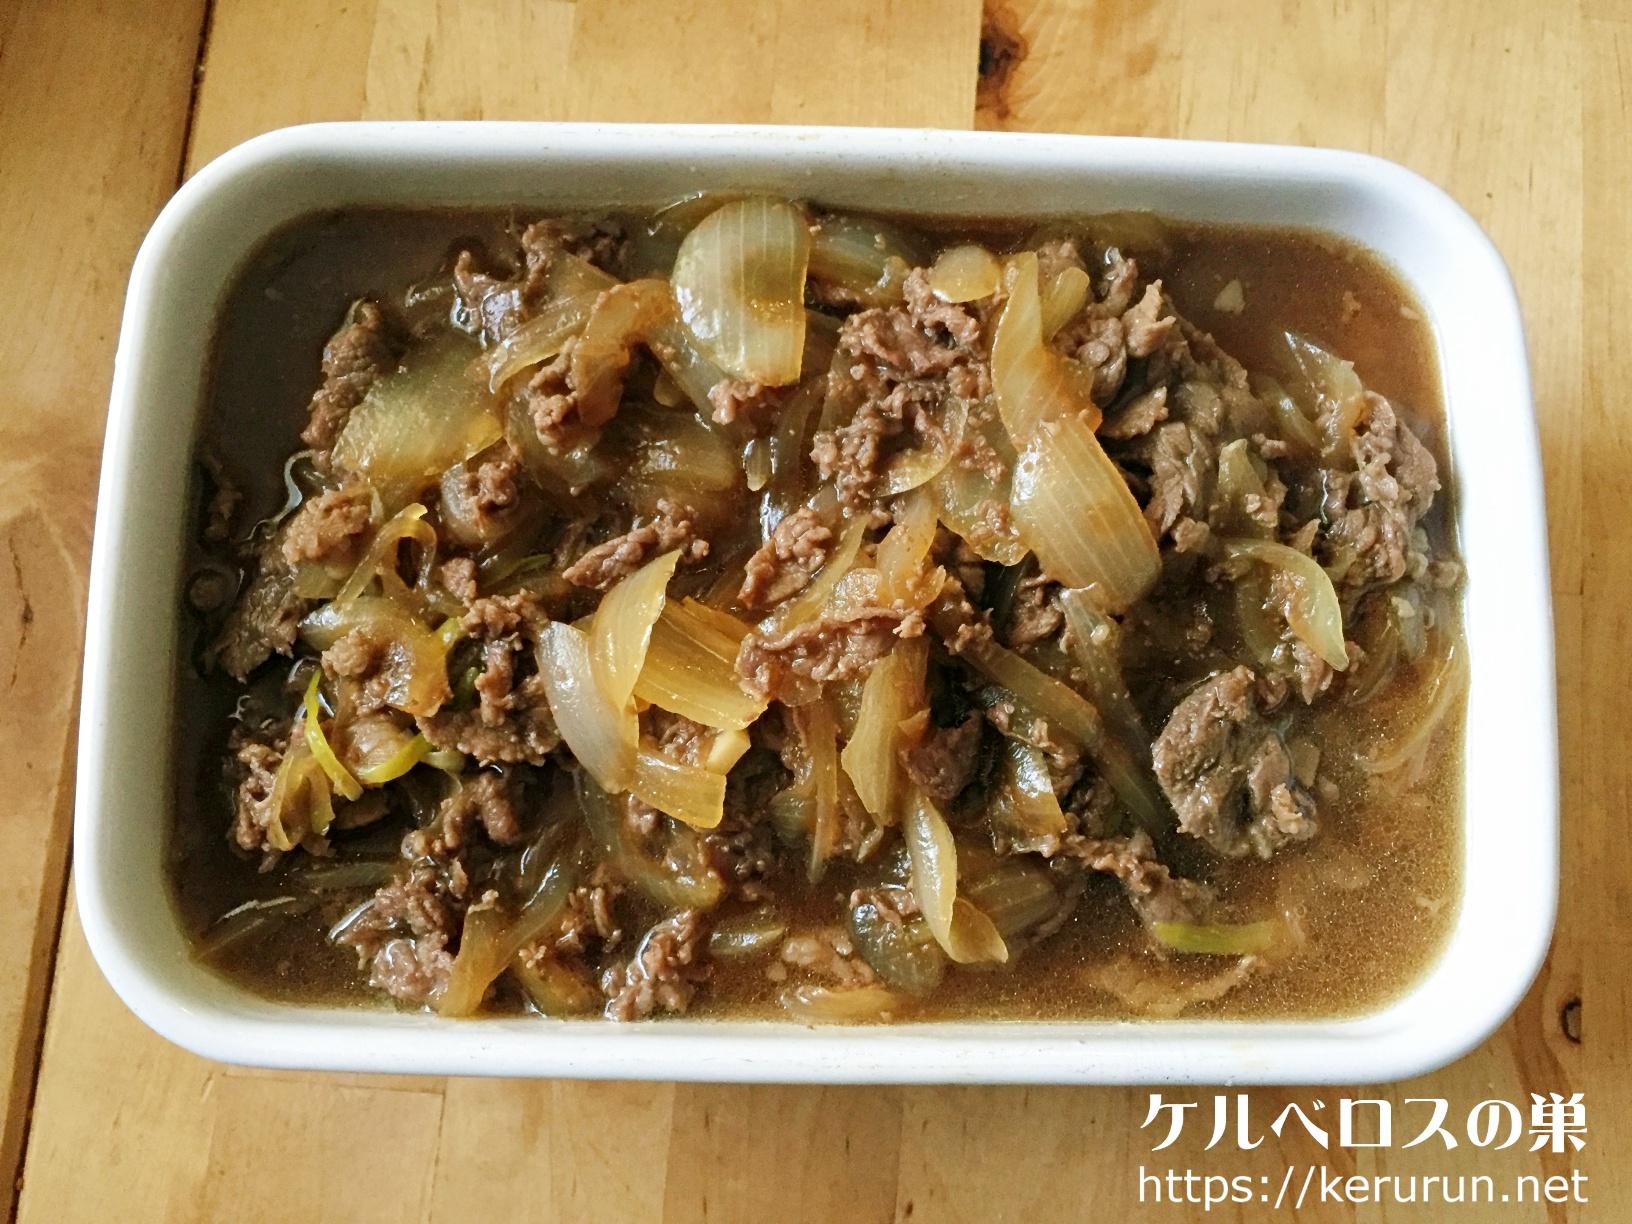 【レシピあり・コストコ活用術】USチョイス ビーフ肩ロース切り落としで作る作り置き牛丼の具